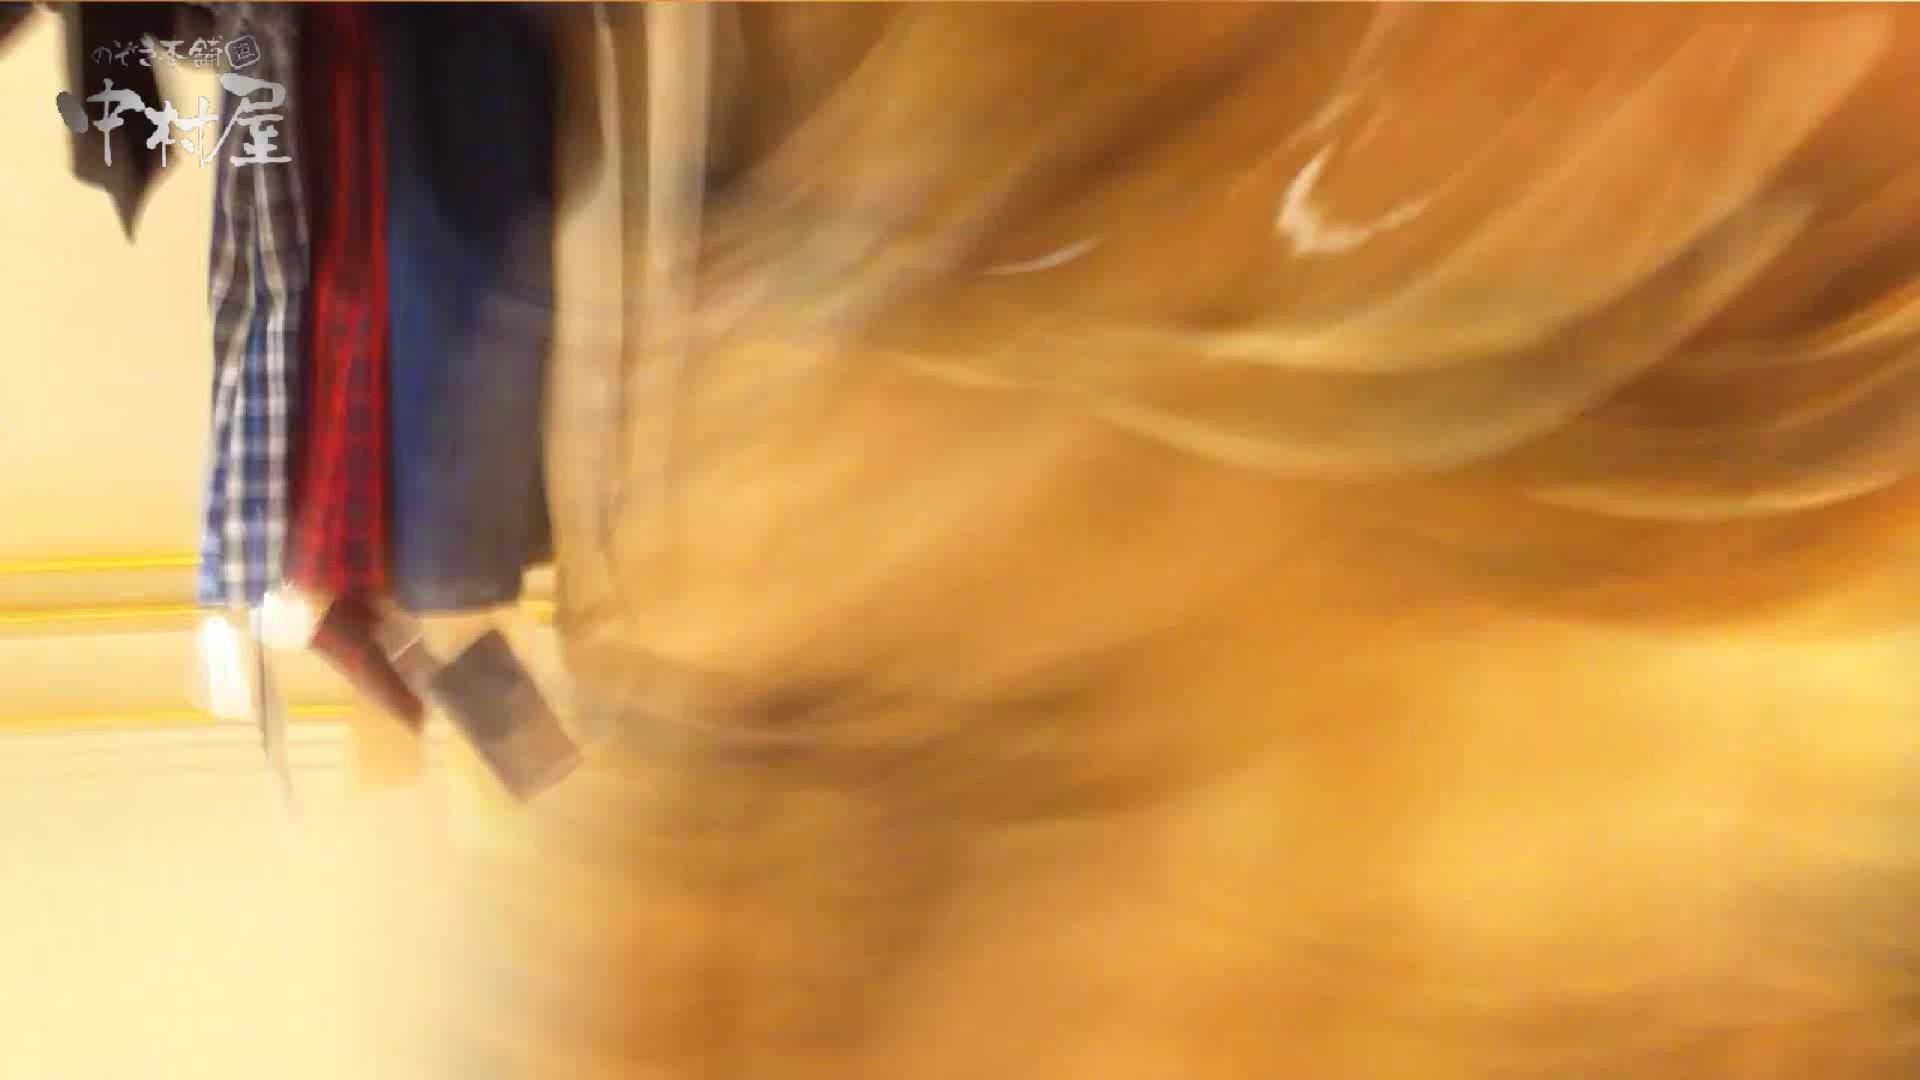 vol.71 美人アパレル胸チラ&パンチラ クイコミパンツでお買い物 お姉さんの胸チラ おまんこ無修正動画無料 65連発 44